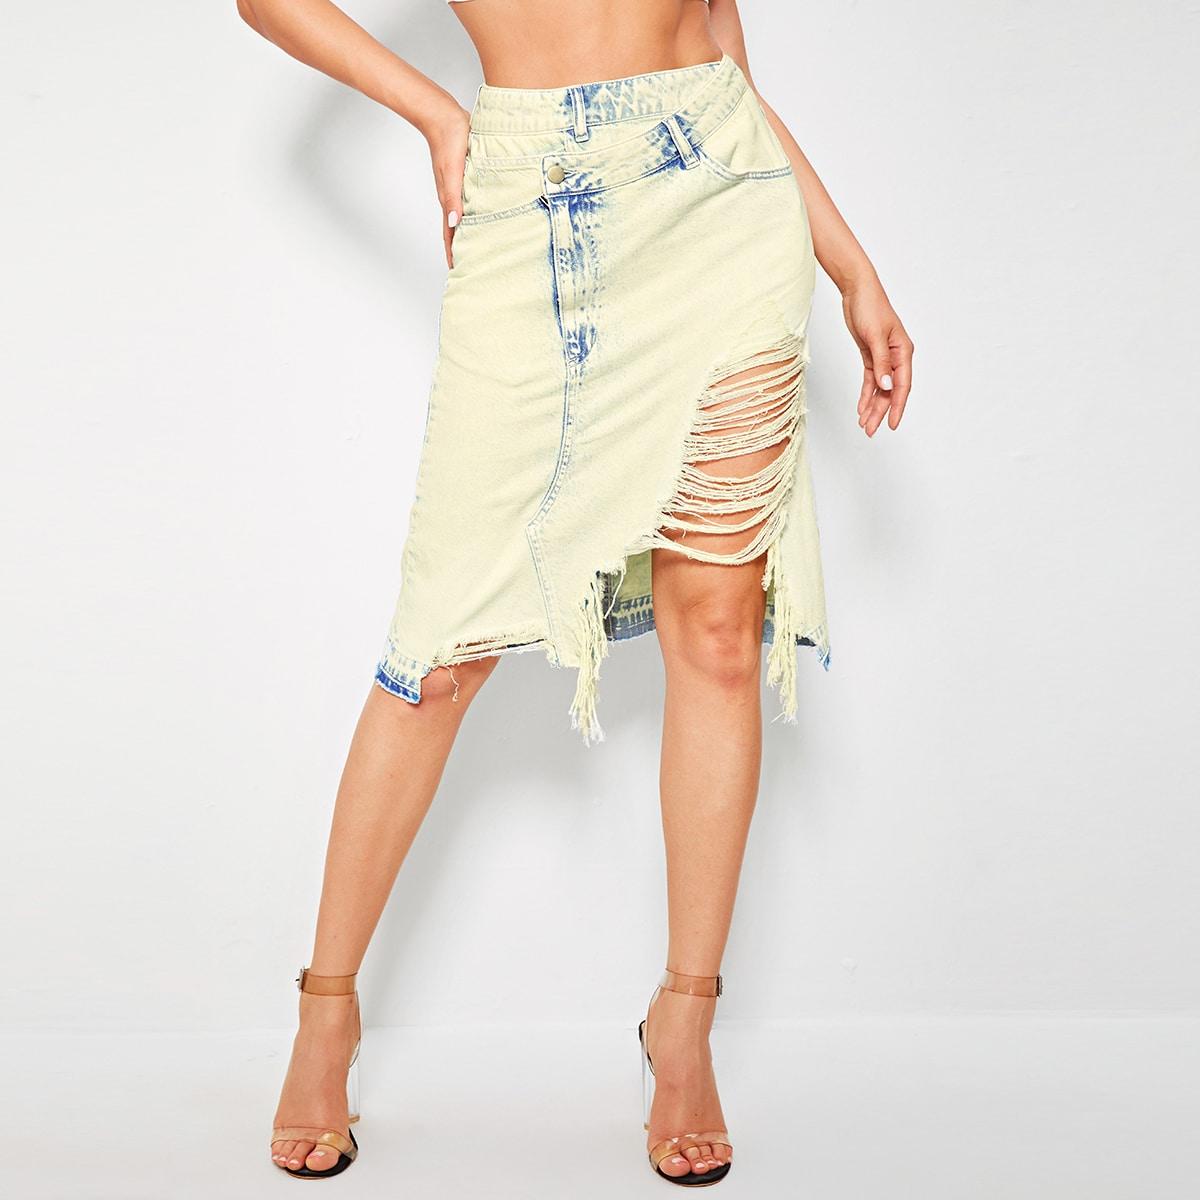 Рваная асимметричная джинсовая юбка